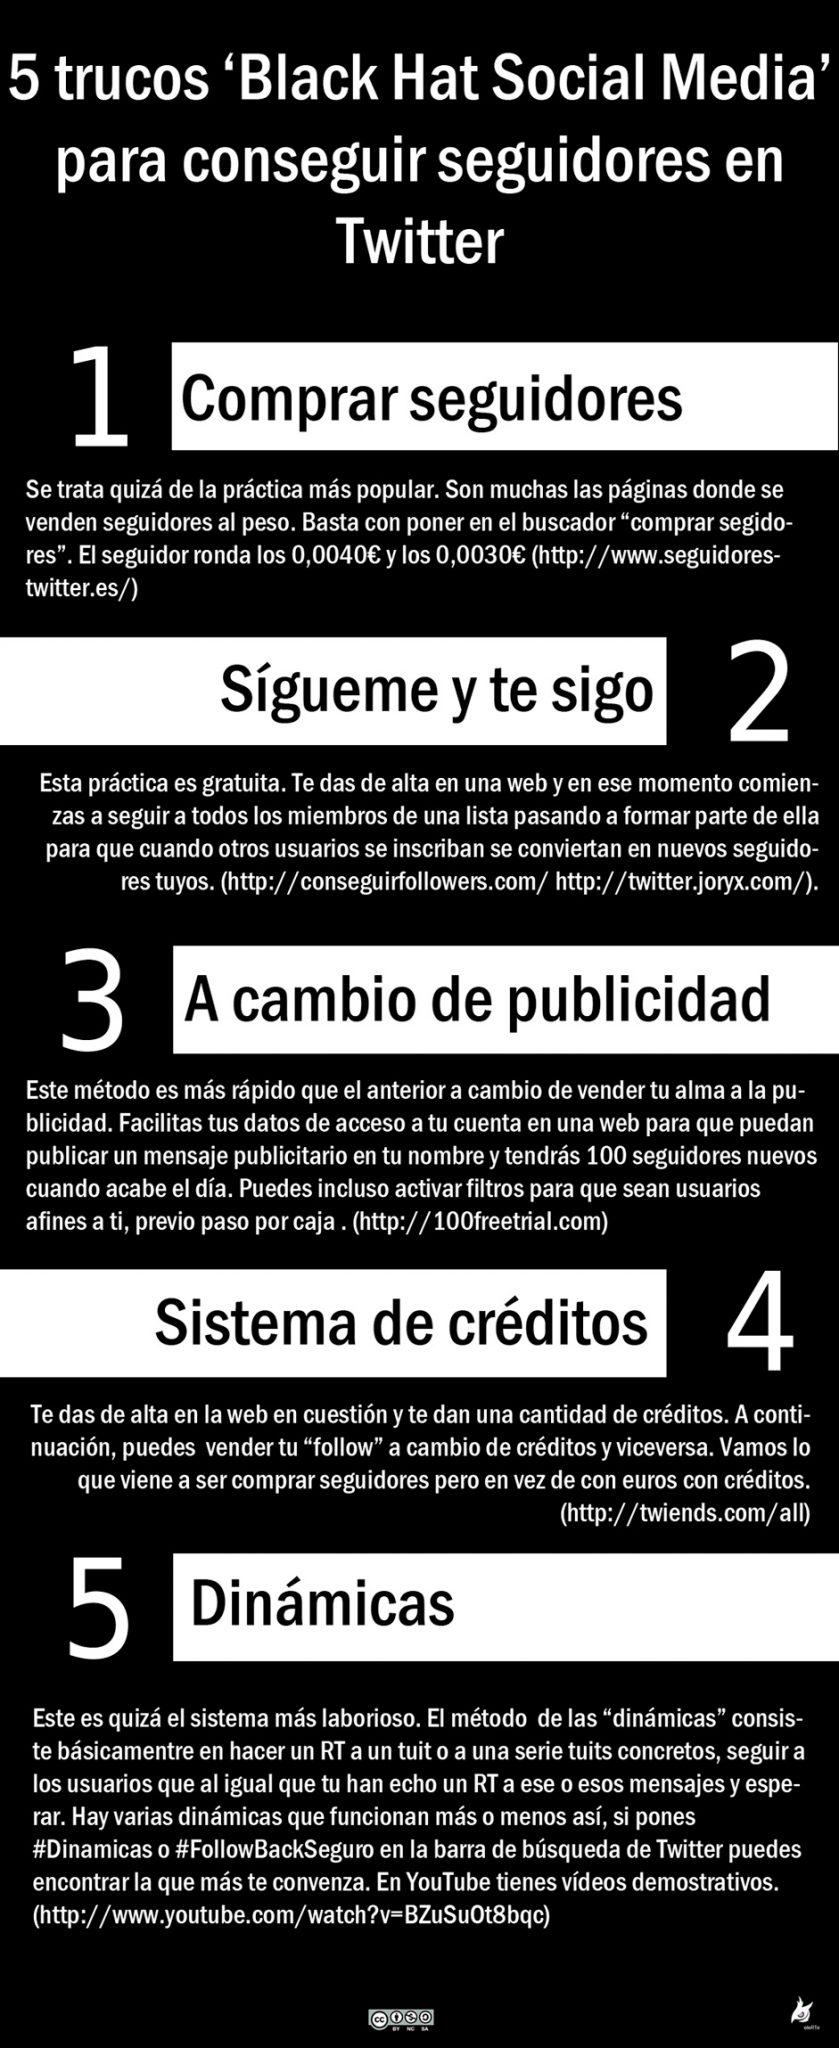 5-trucos-black-hat-social-media